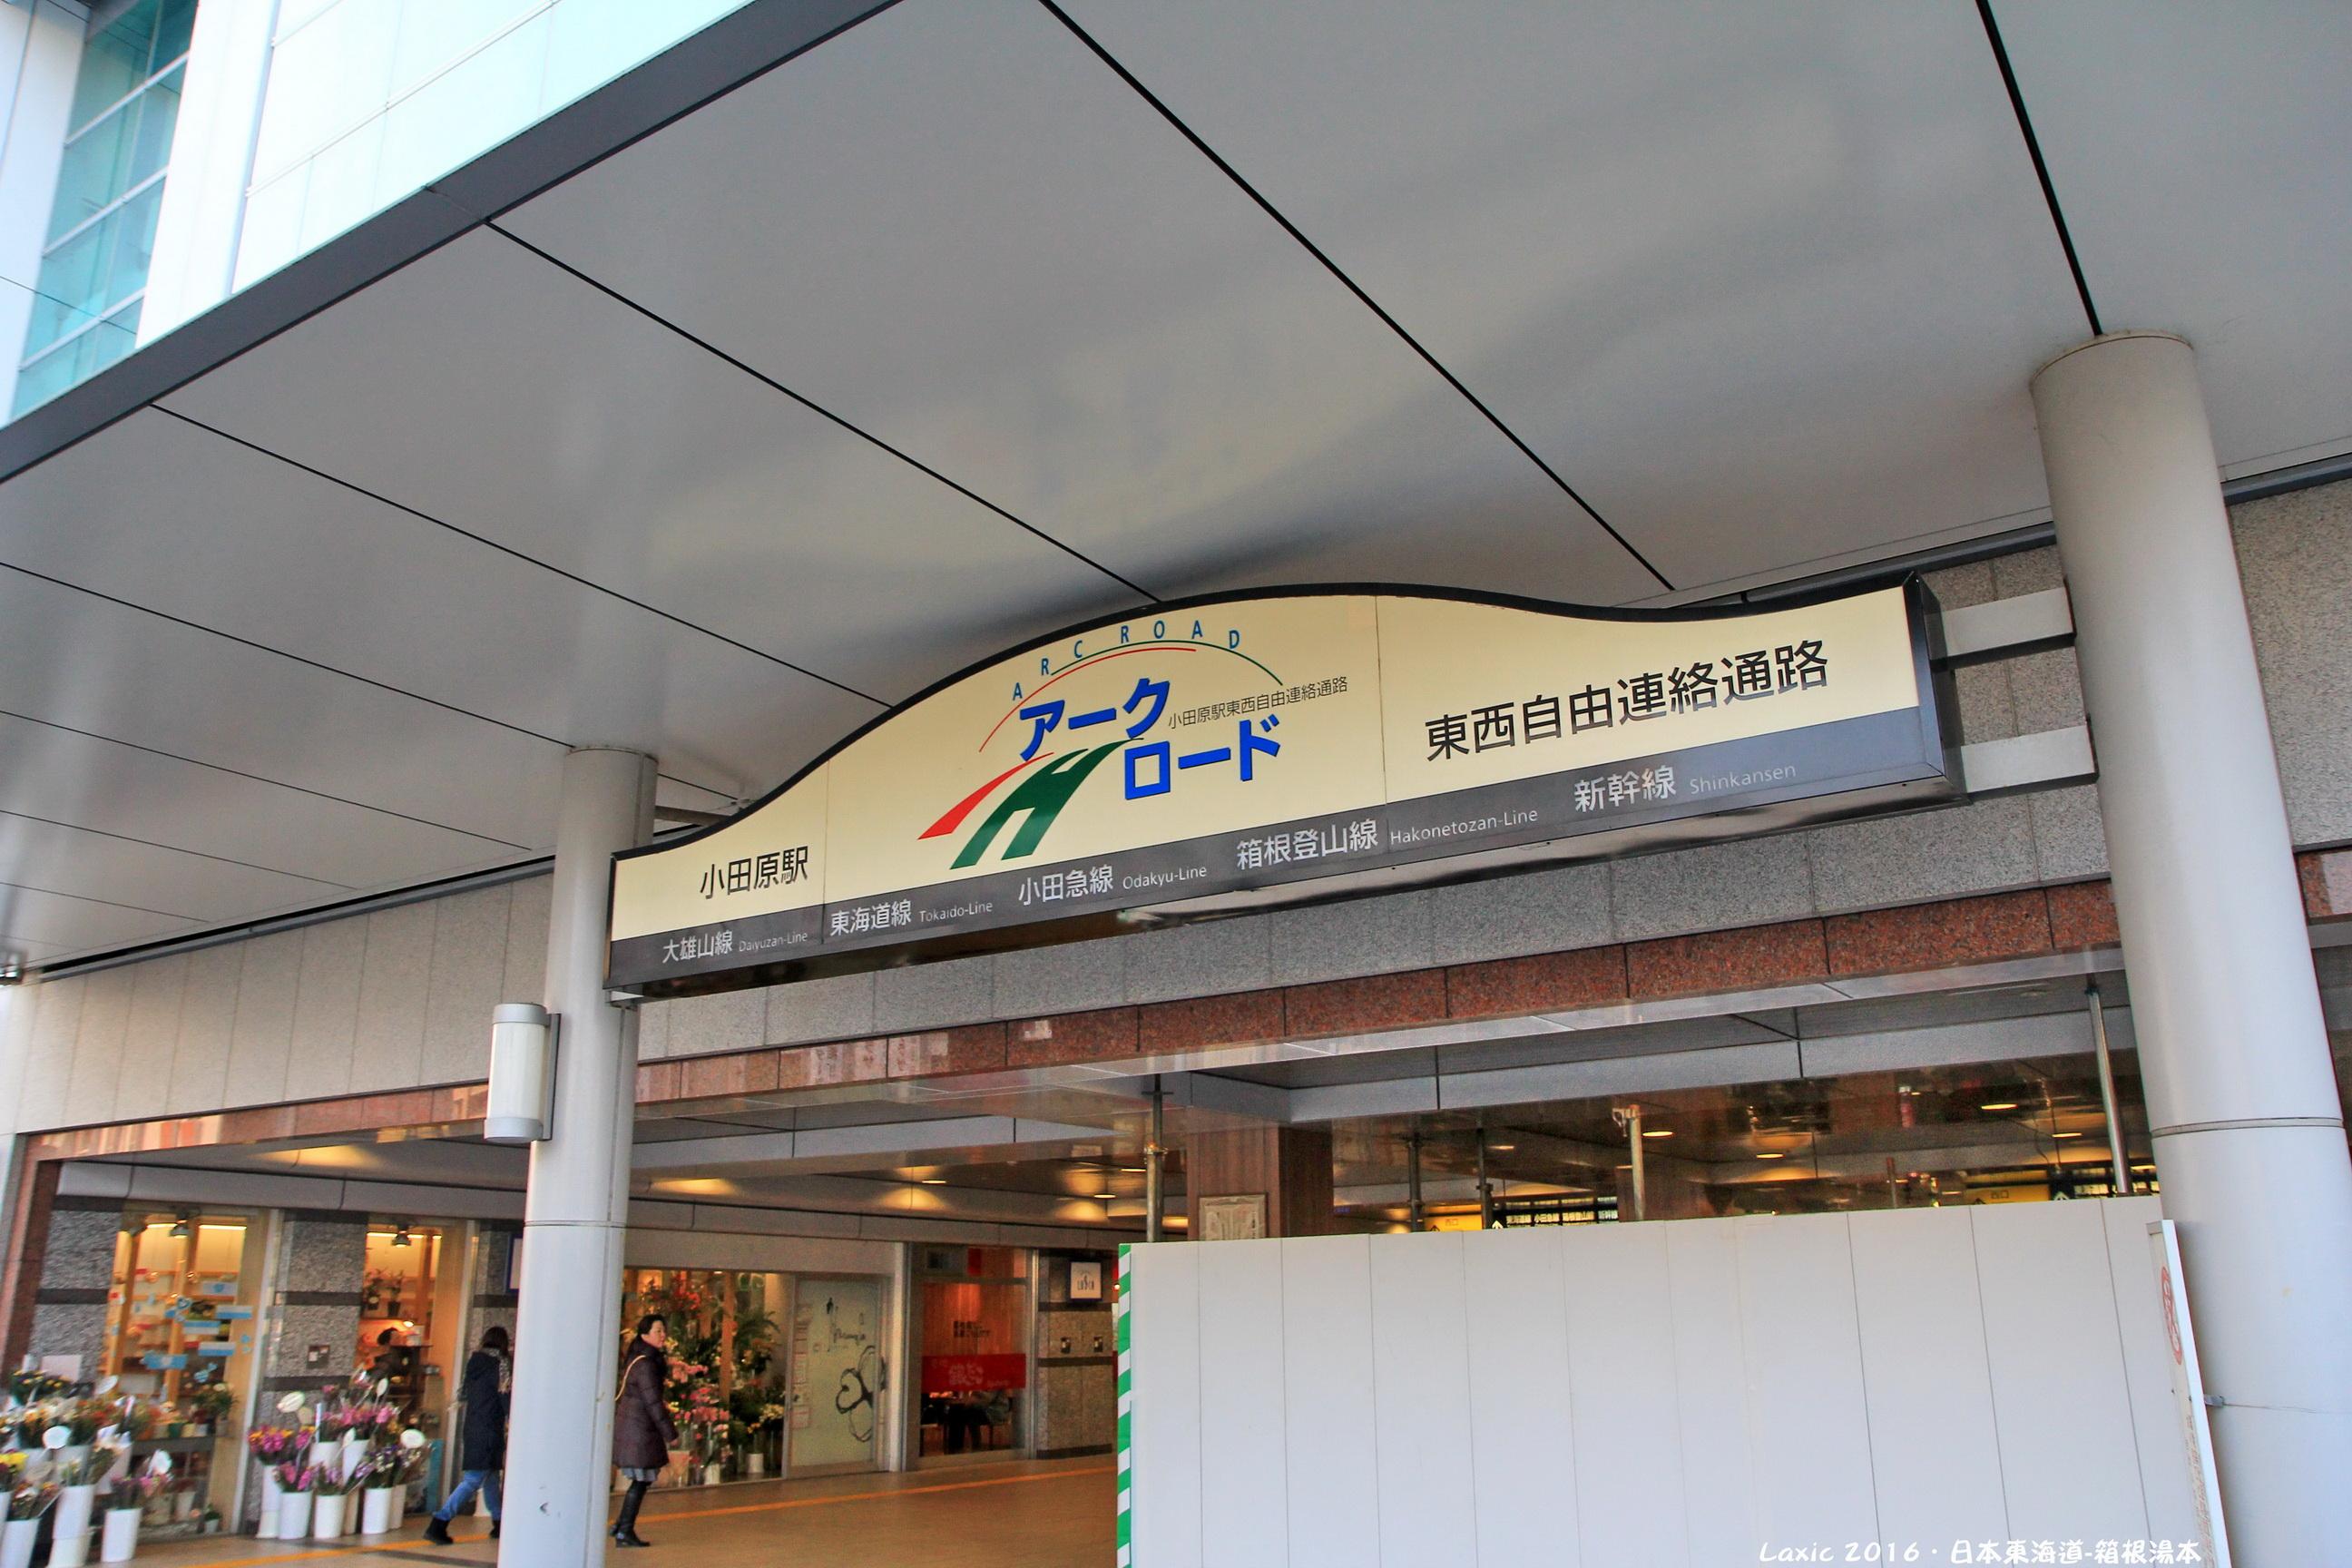 Laxic 2016.日本東海道-箱根湯本